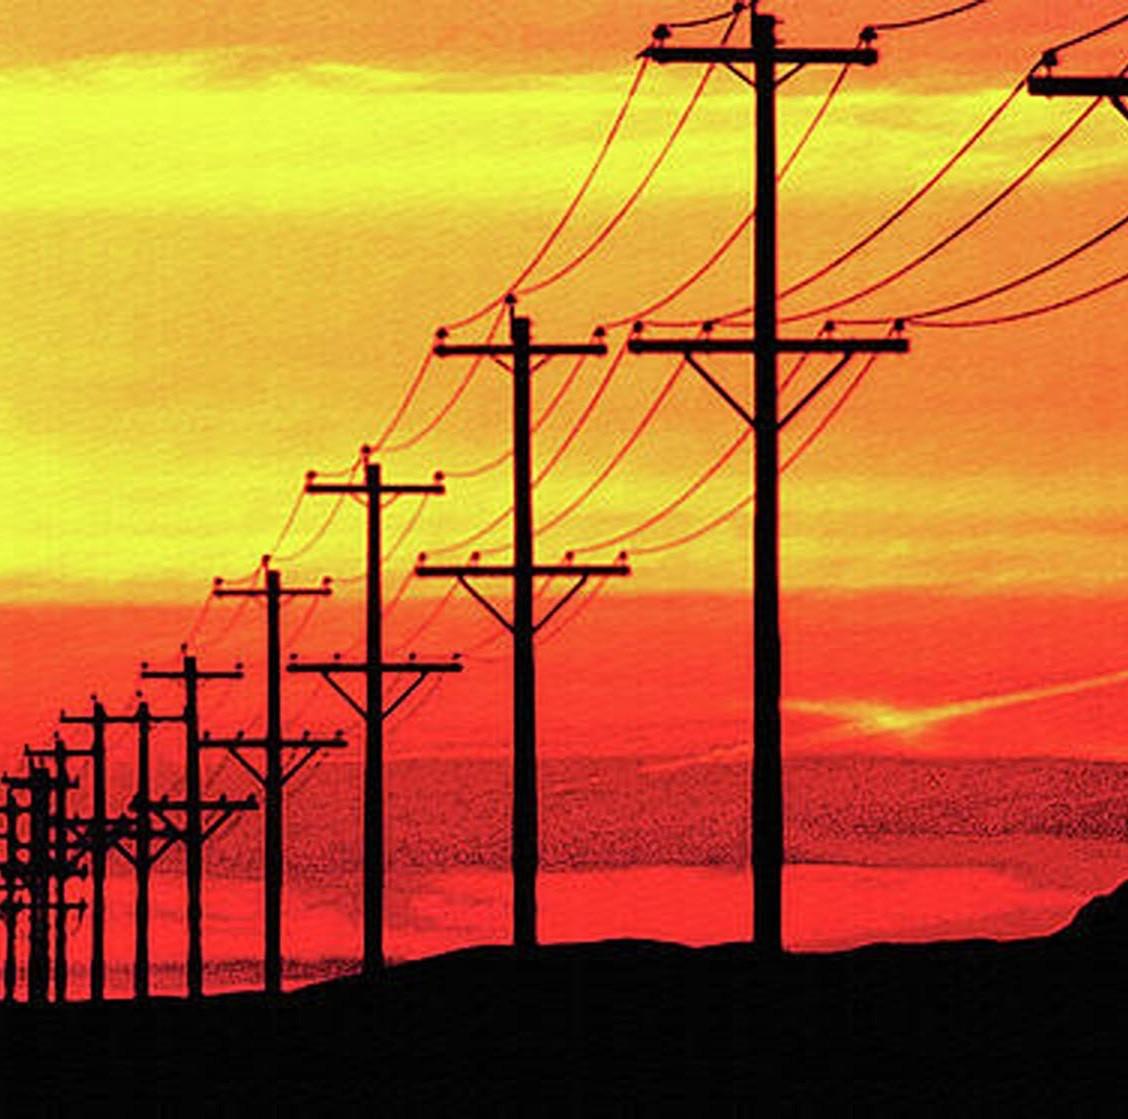 Монтаж кабельных и воздушных линий электроснабжения до 35 кВ